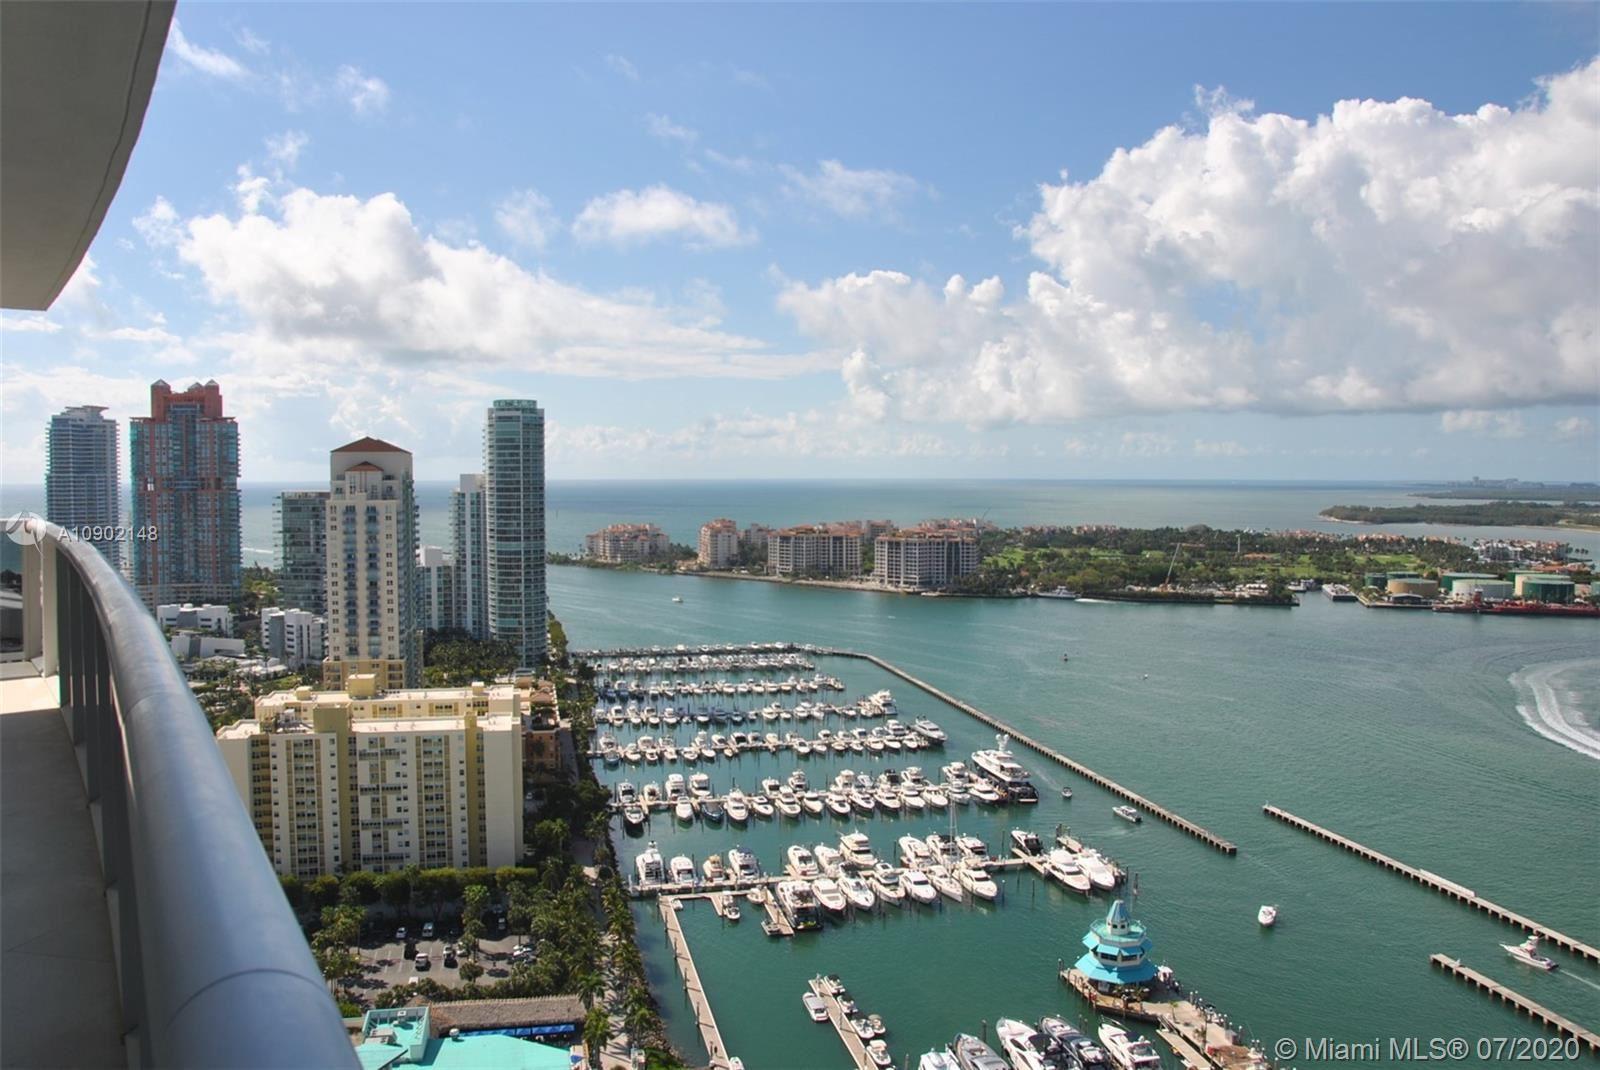 400 Alton Rd #3203, Miami Beach, FL 33139 - #: A10902148